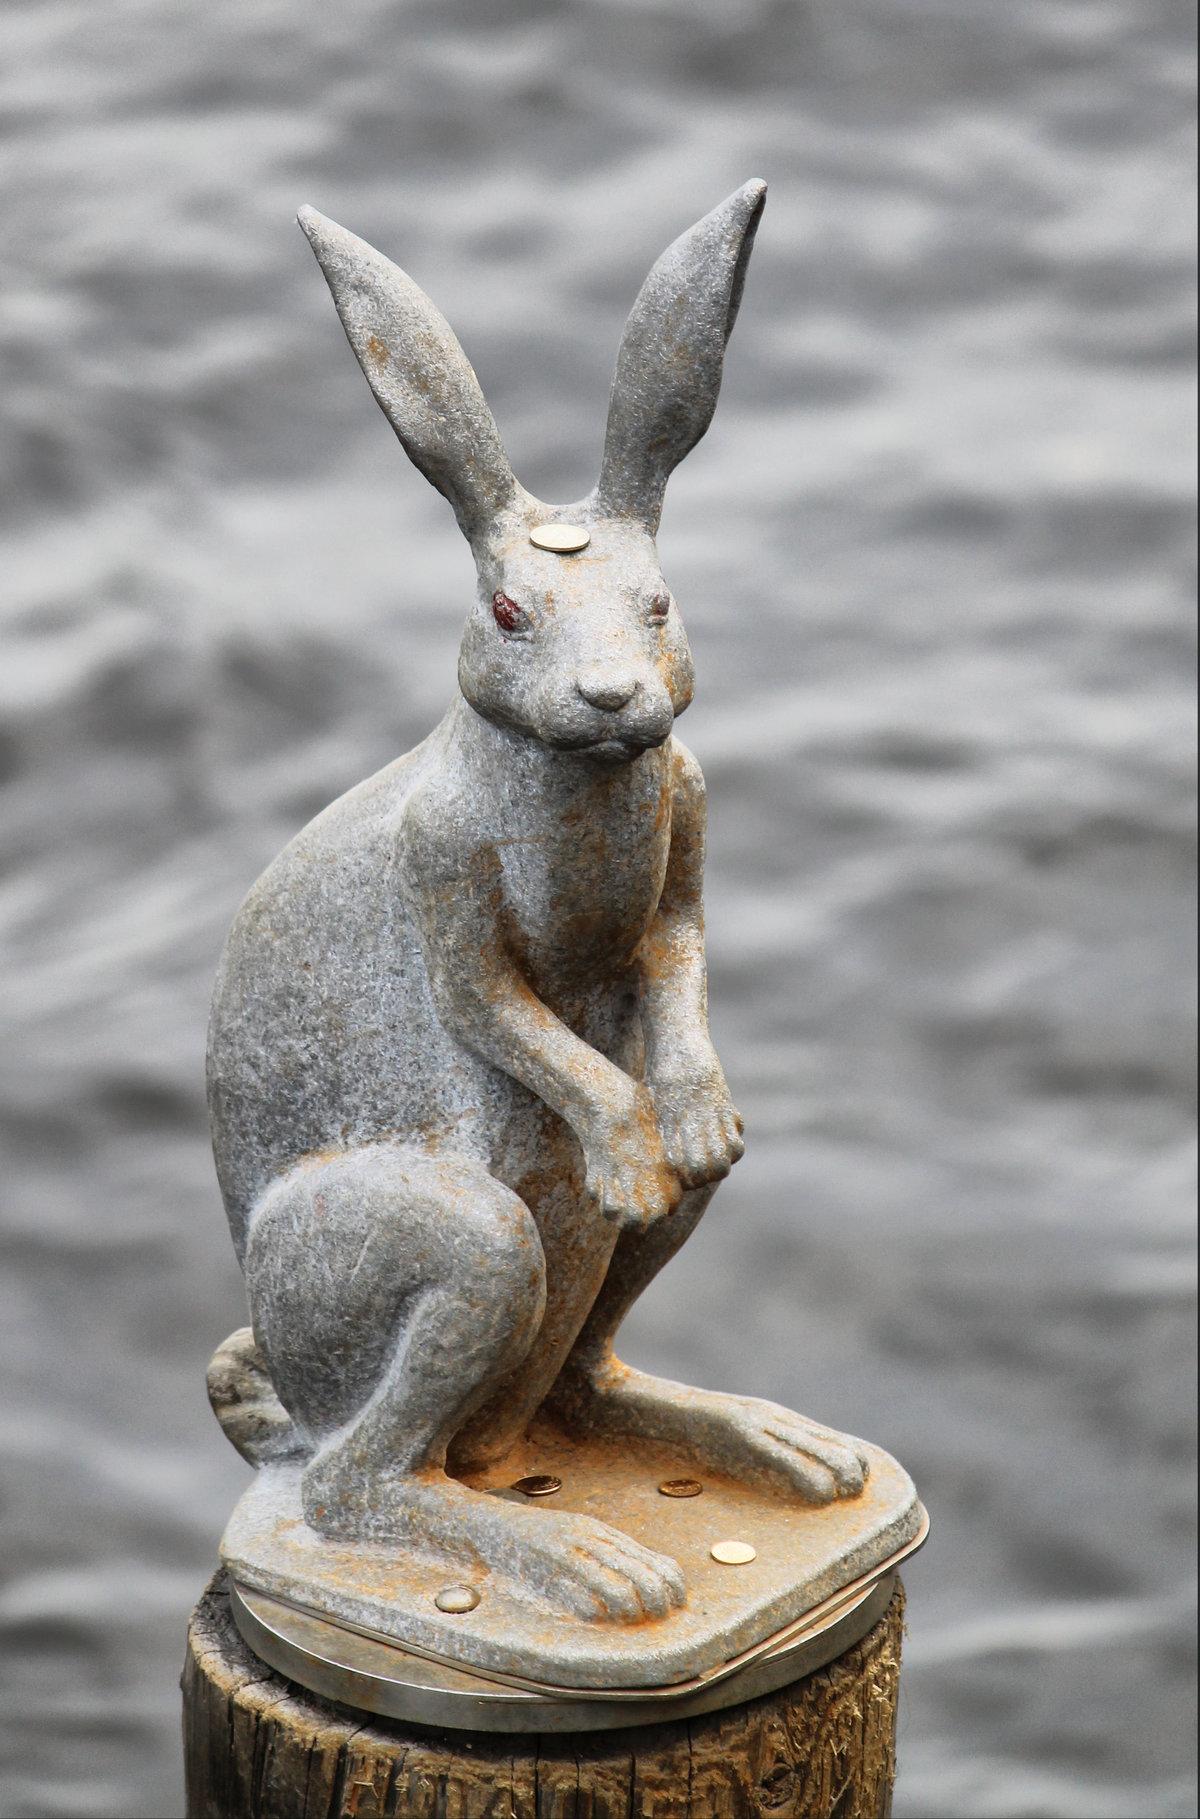 орбакайте вместо скульптура зайца картинки днем рожденья, поздравляю